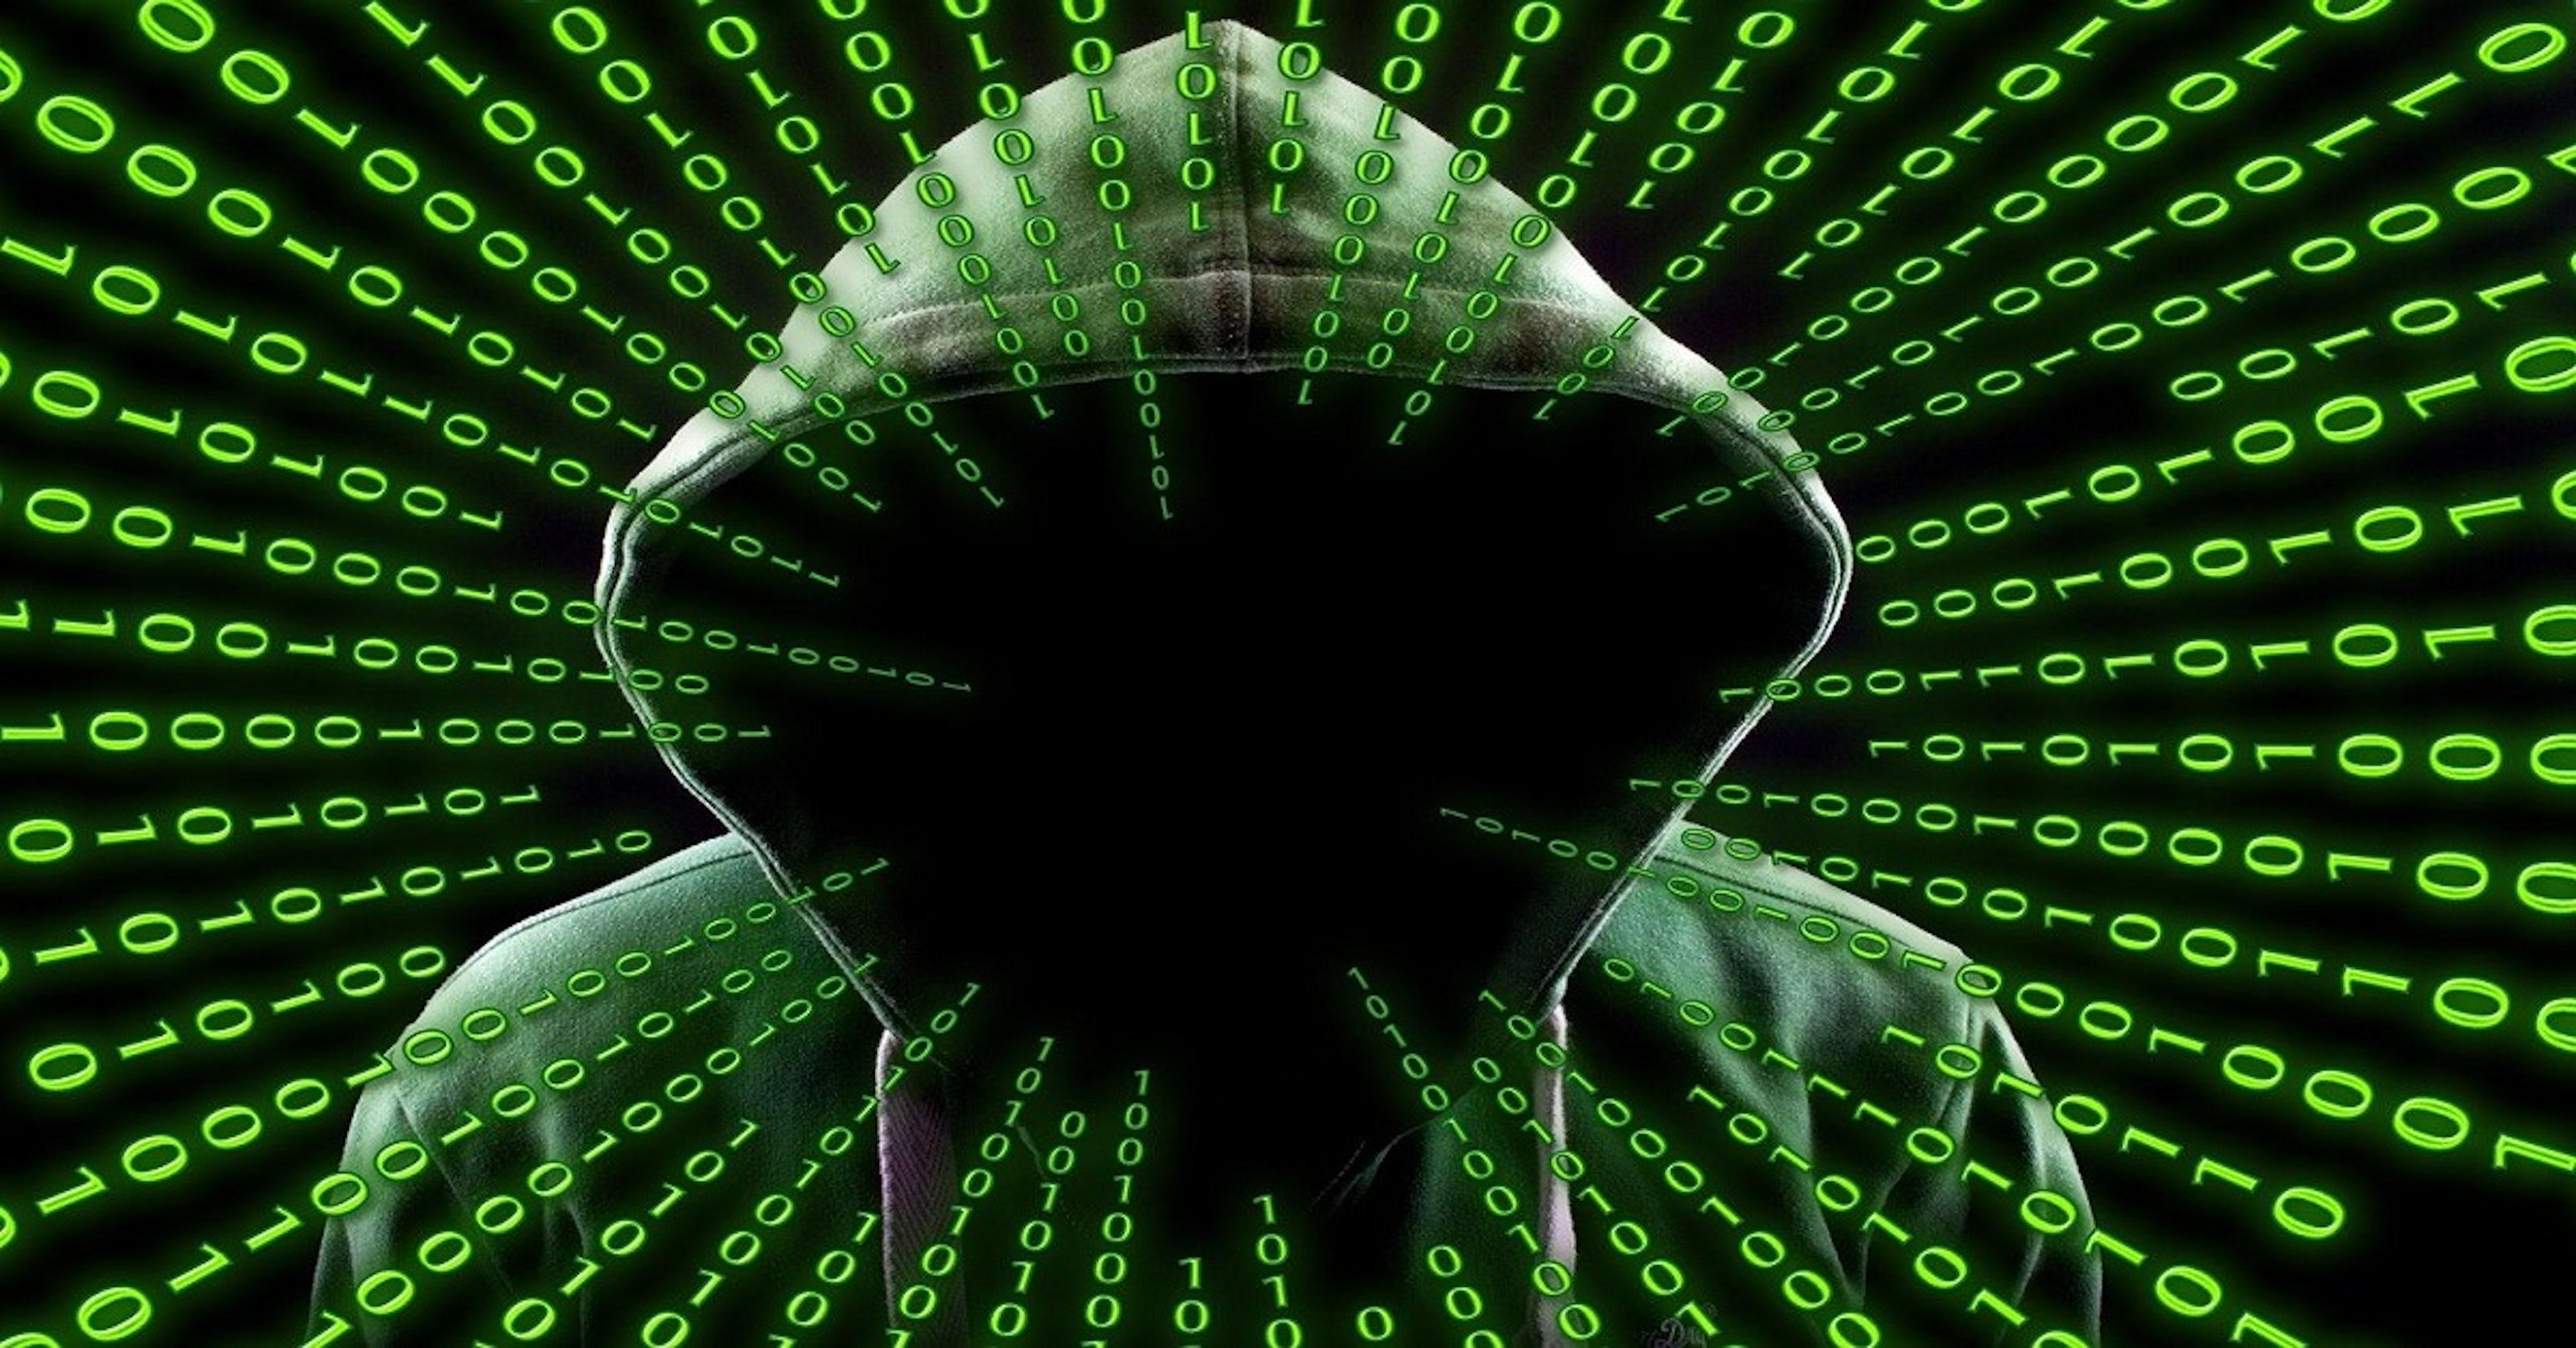 Peligros en la web: ¿Cómo saber si una página es segura?